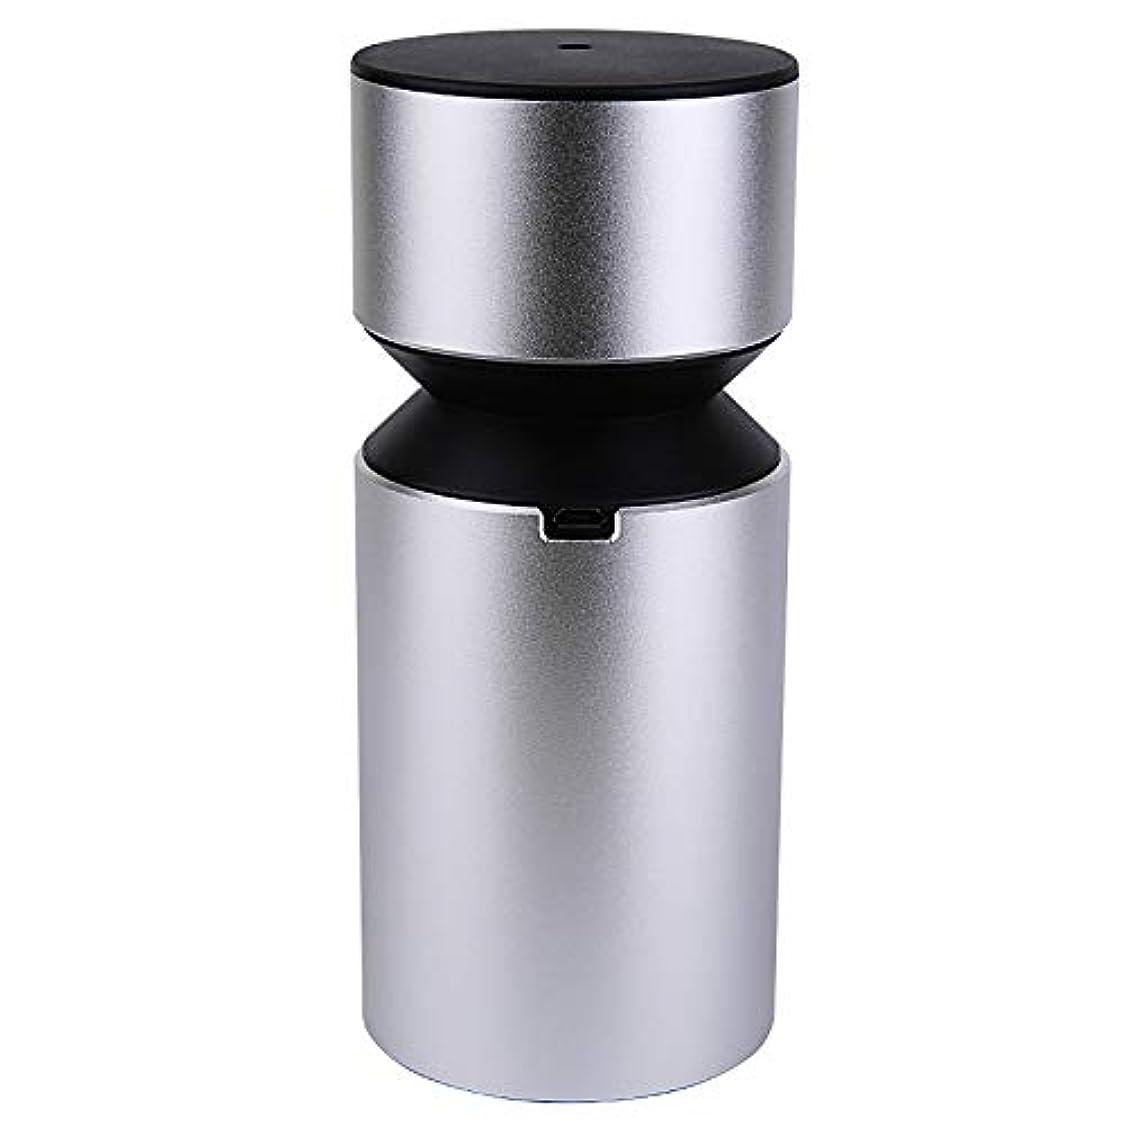 彫刻複合コカインアロマディフューザー 車載用 ネブライザー式 充電式 静音 精油瓶1個スポイト付きT11-ENS068N (シルバー)